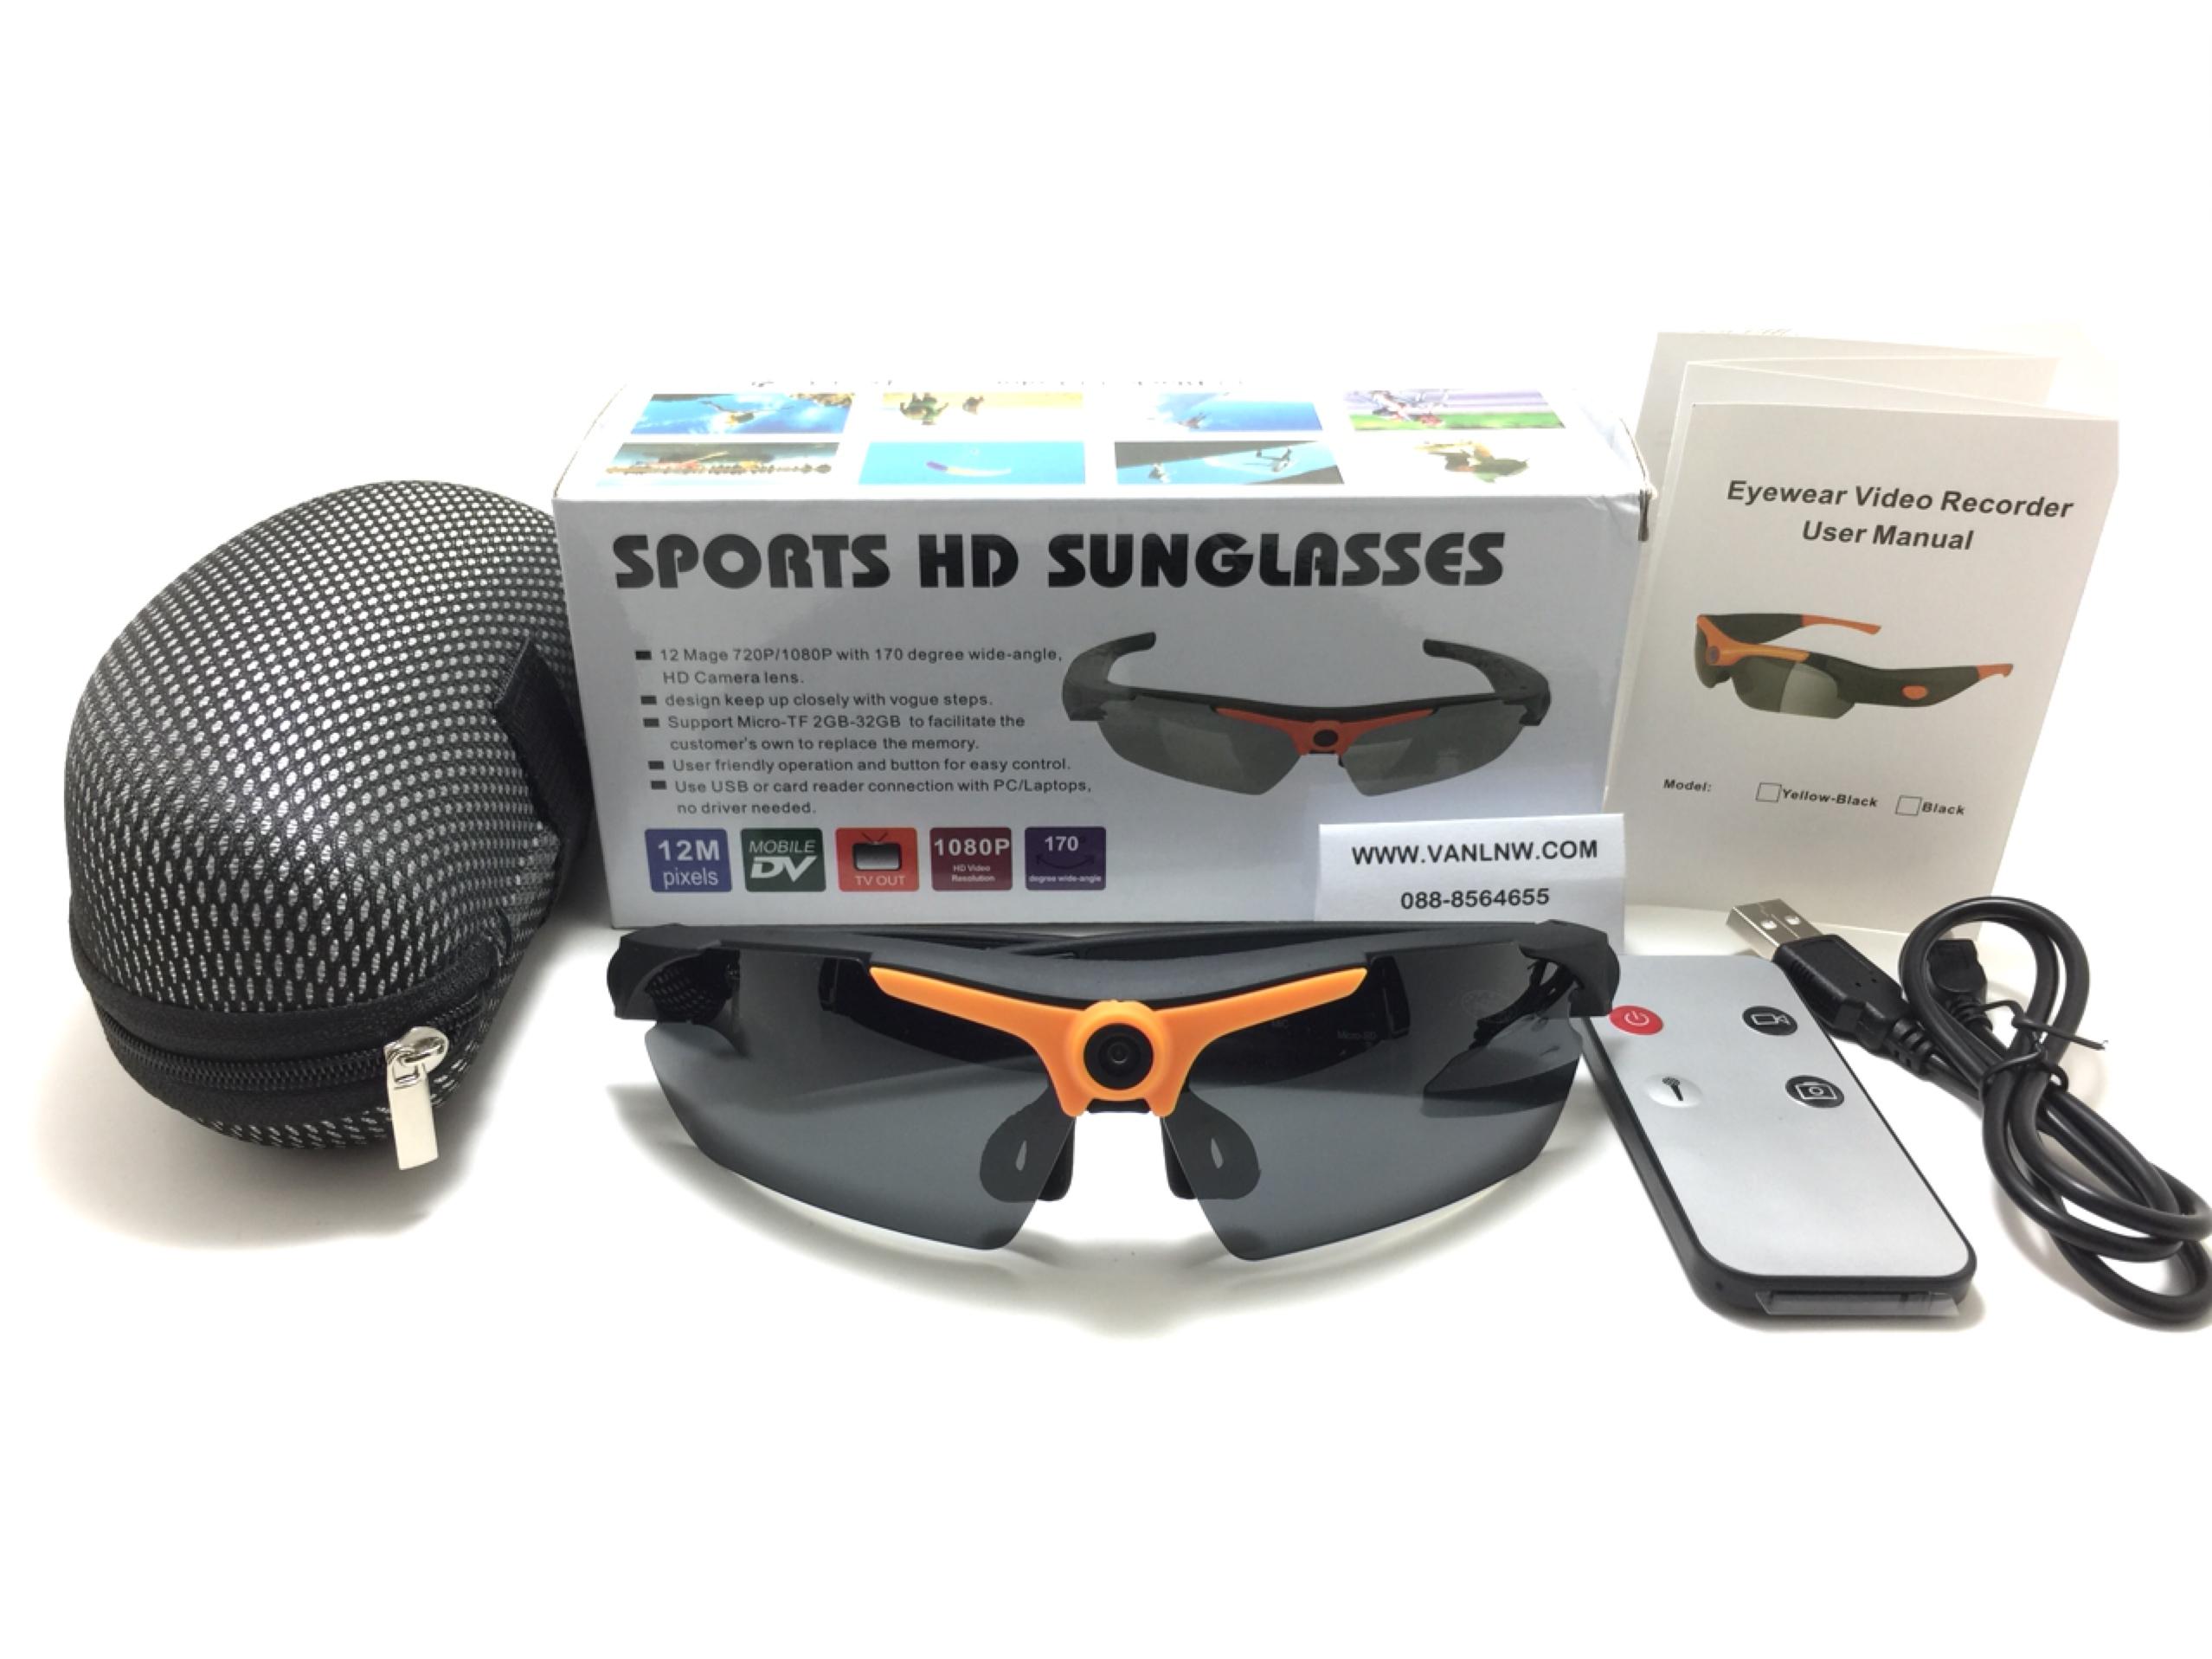 กล้องแว่นตากันแดดทรงสปอร์ต Sports Full HD 1080P Sunglasses <ดำ+ส้ม> ของแท้ 100%